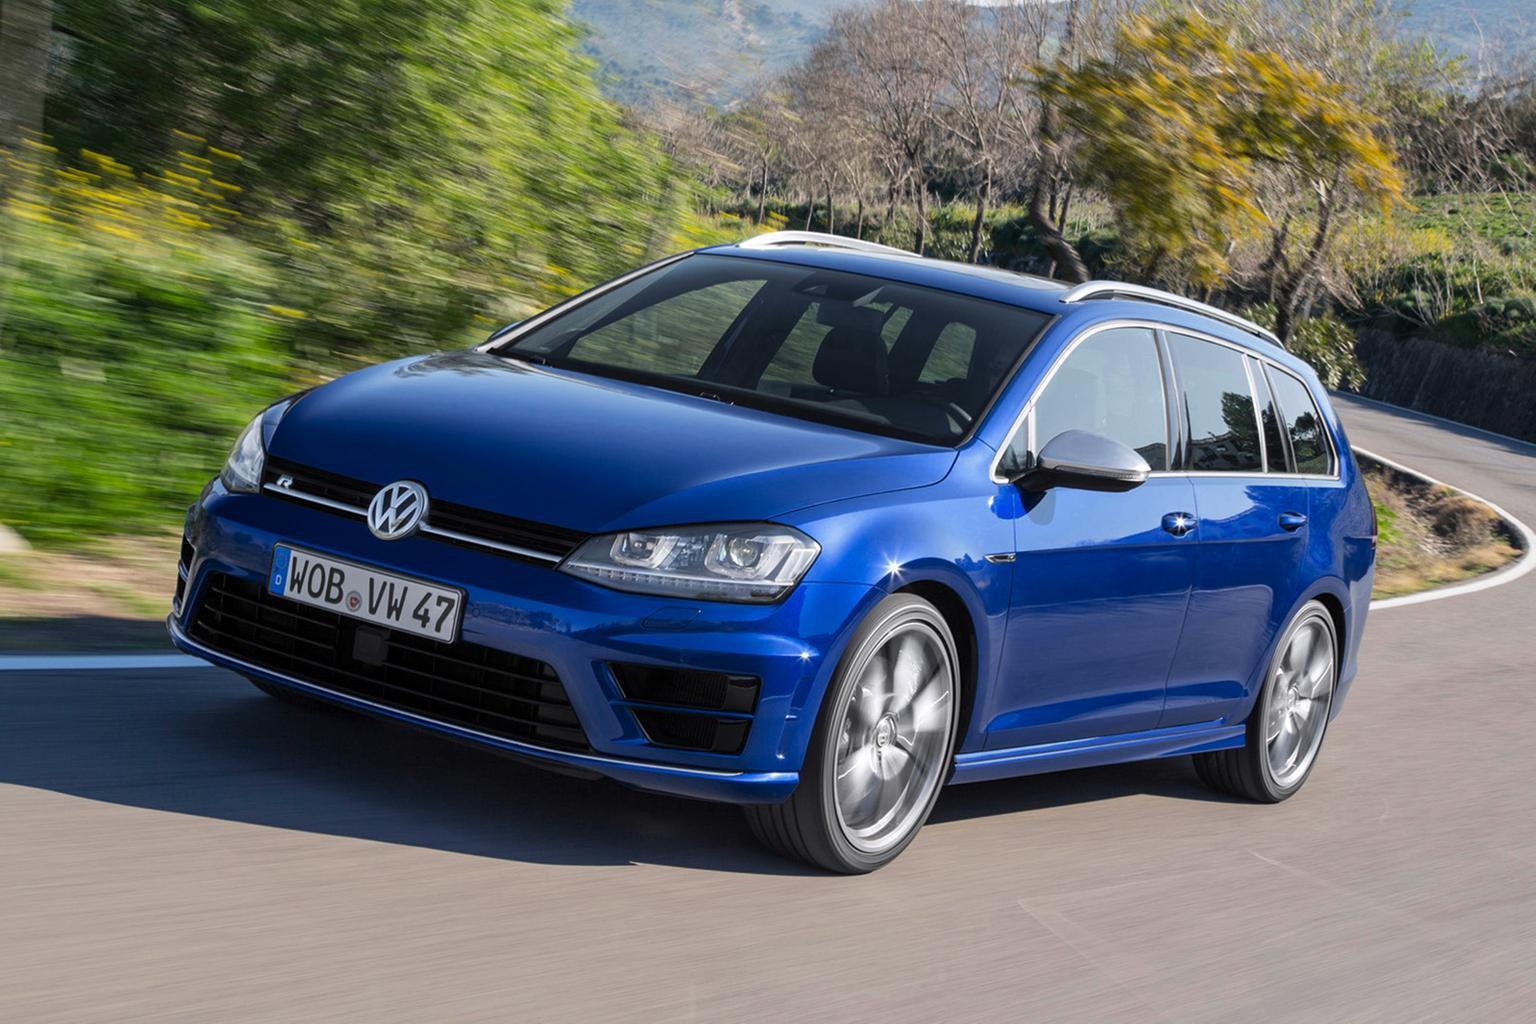 2015 Volkswagen Golf Estate review